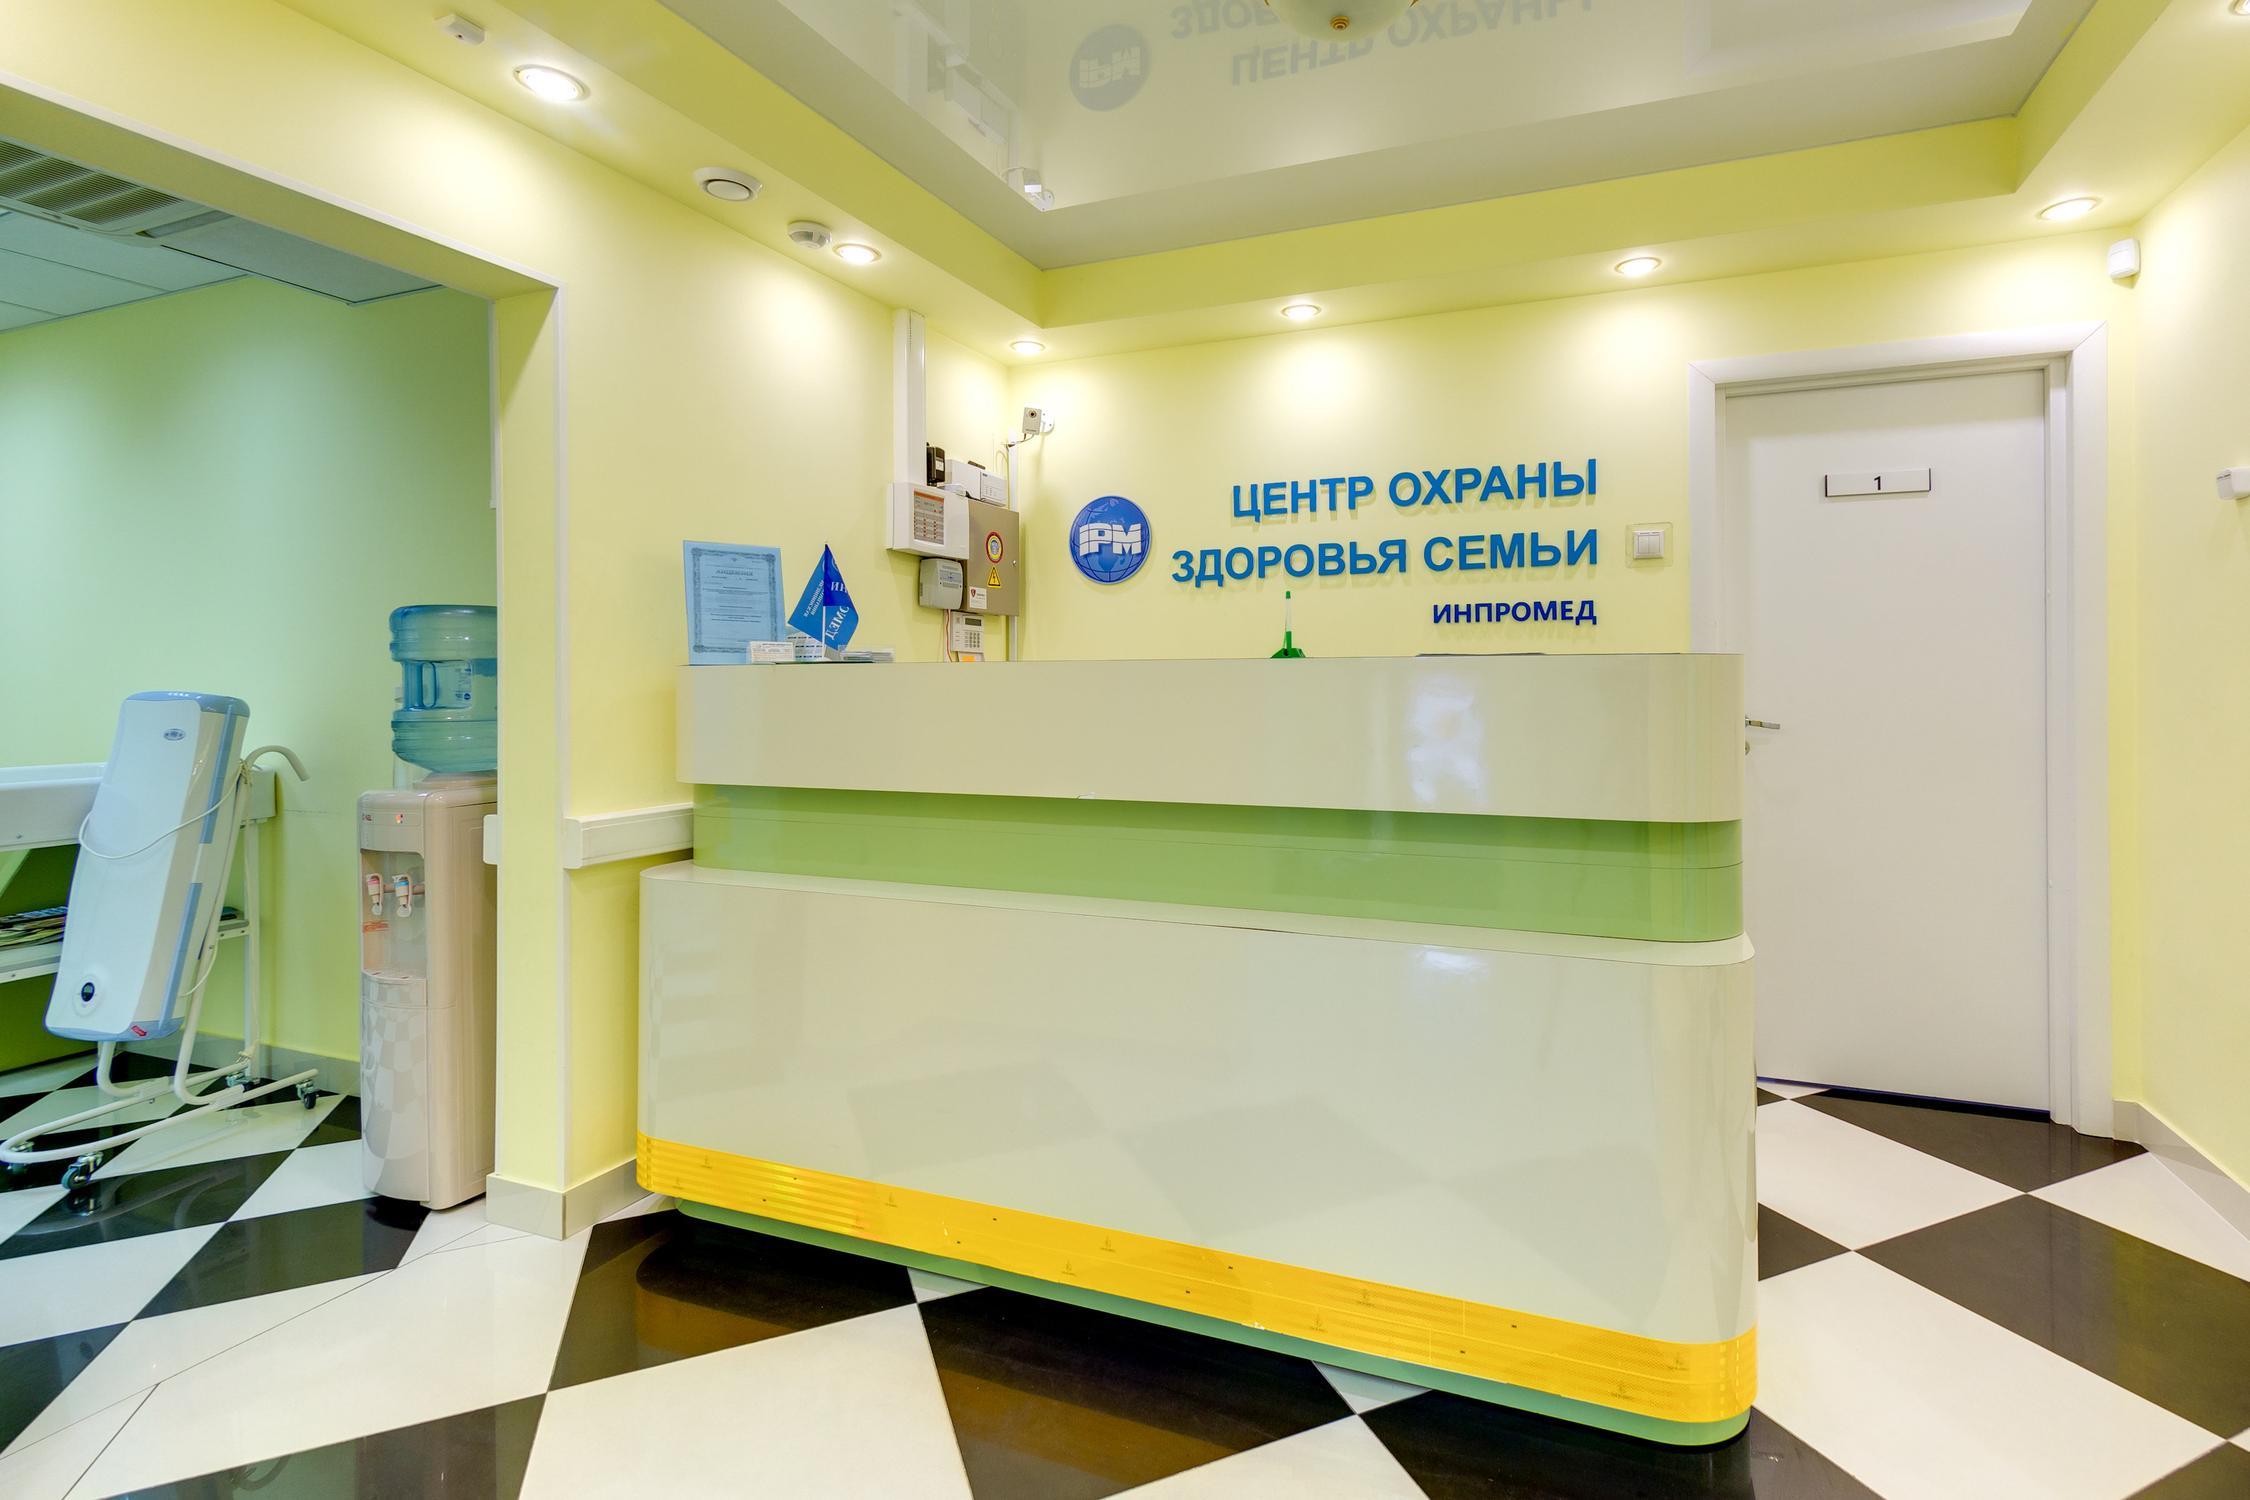 фотография Центра Охраны Здоровья Семьи на метро Выхино